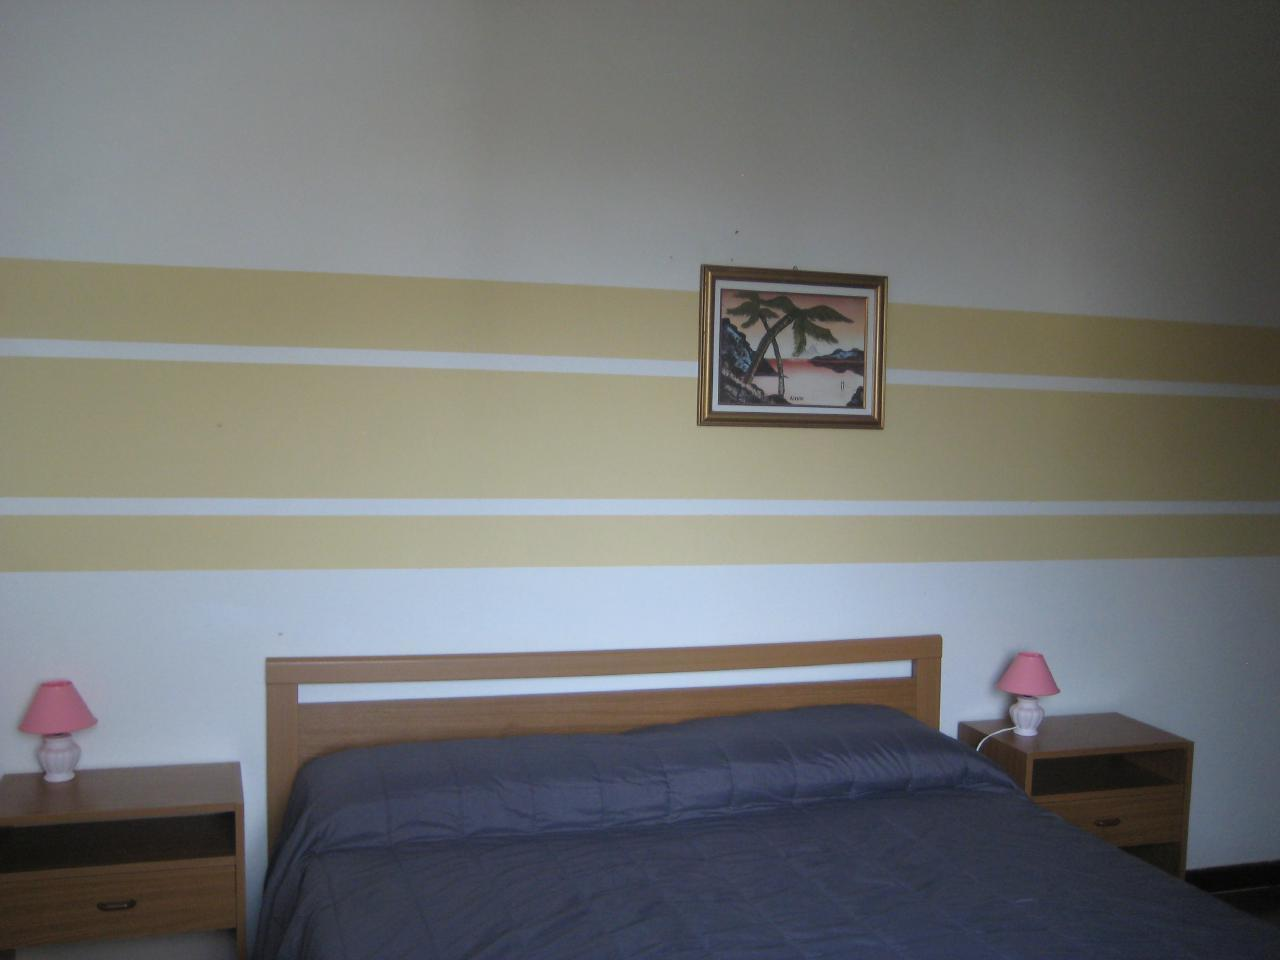 Ferienwohnung sardinien (553972), S'arena Scoada, Oristano, Sardinien, Italien, Bild 13